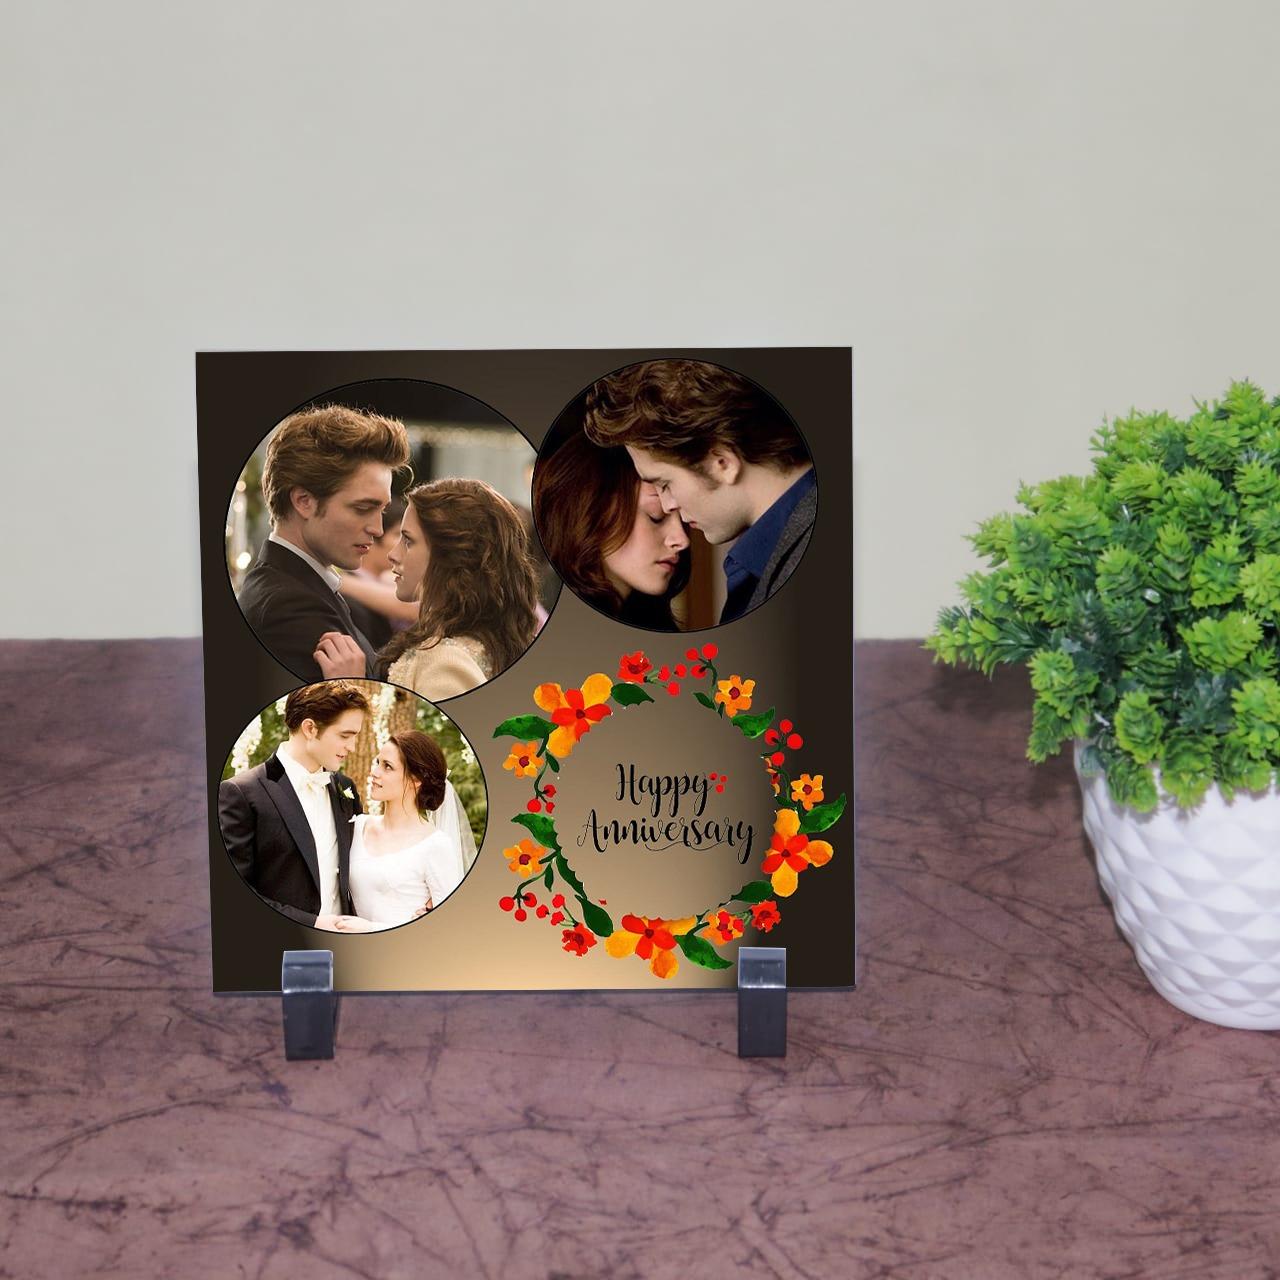 Happy Anniversary Personalizd Tile